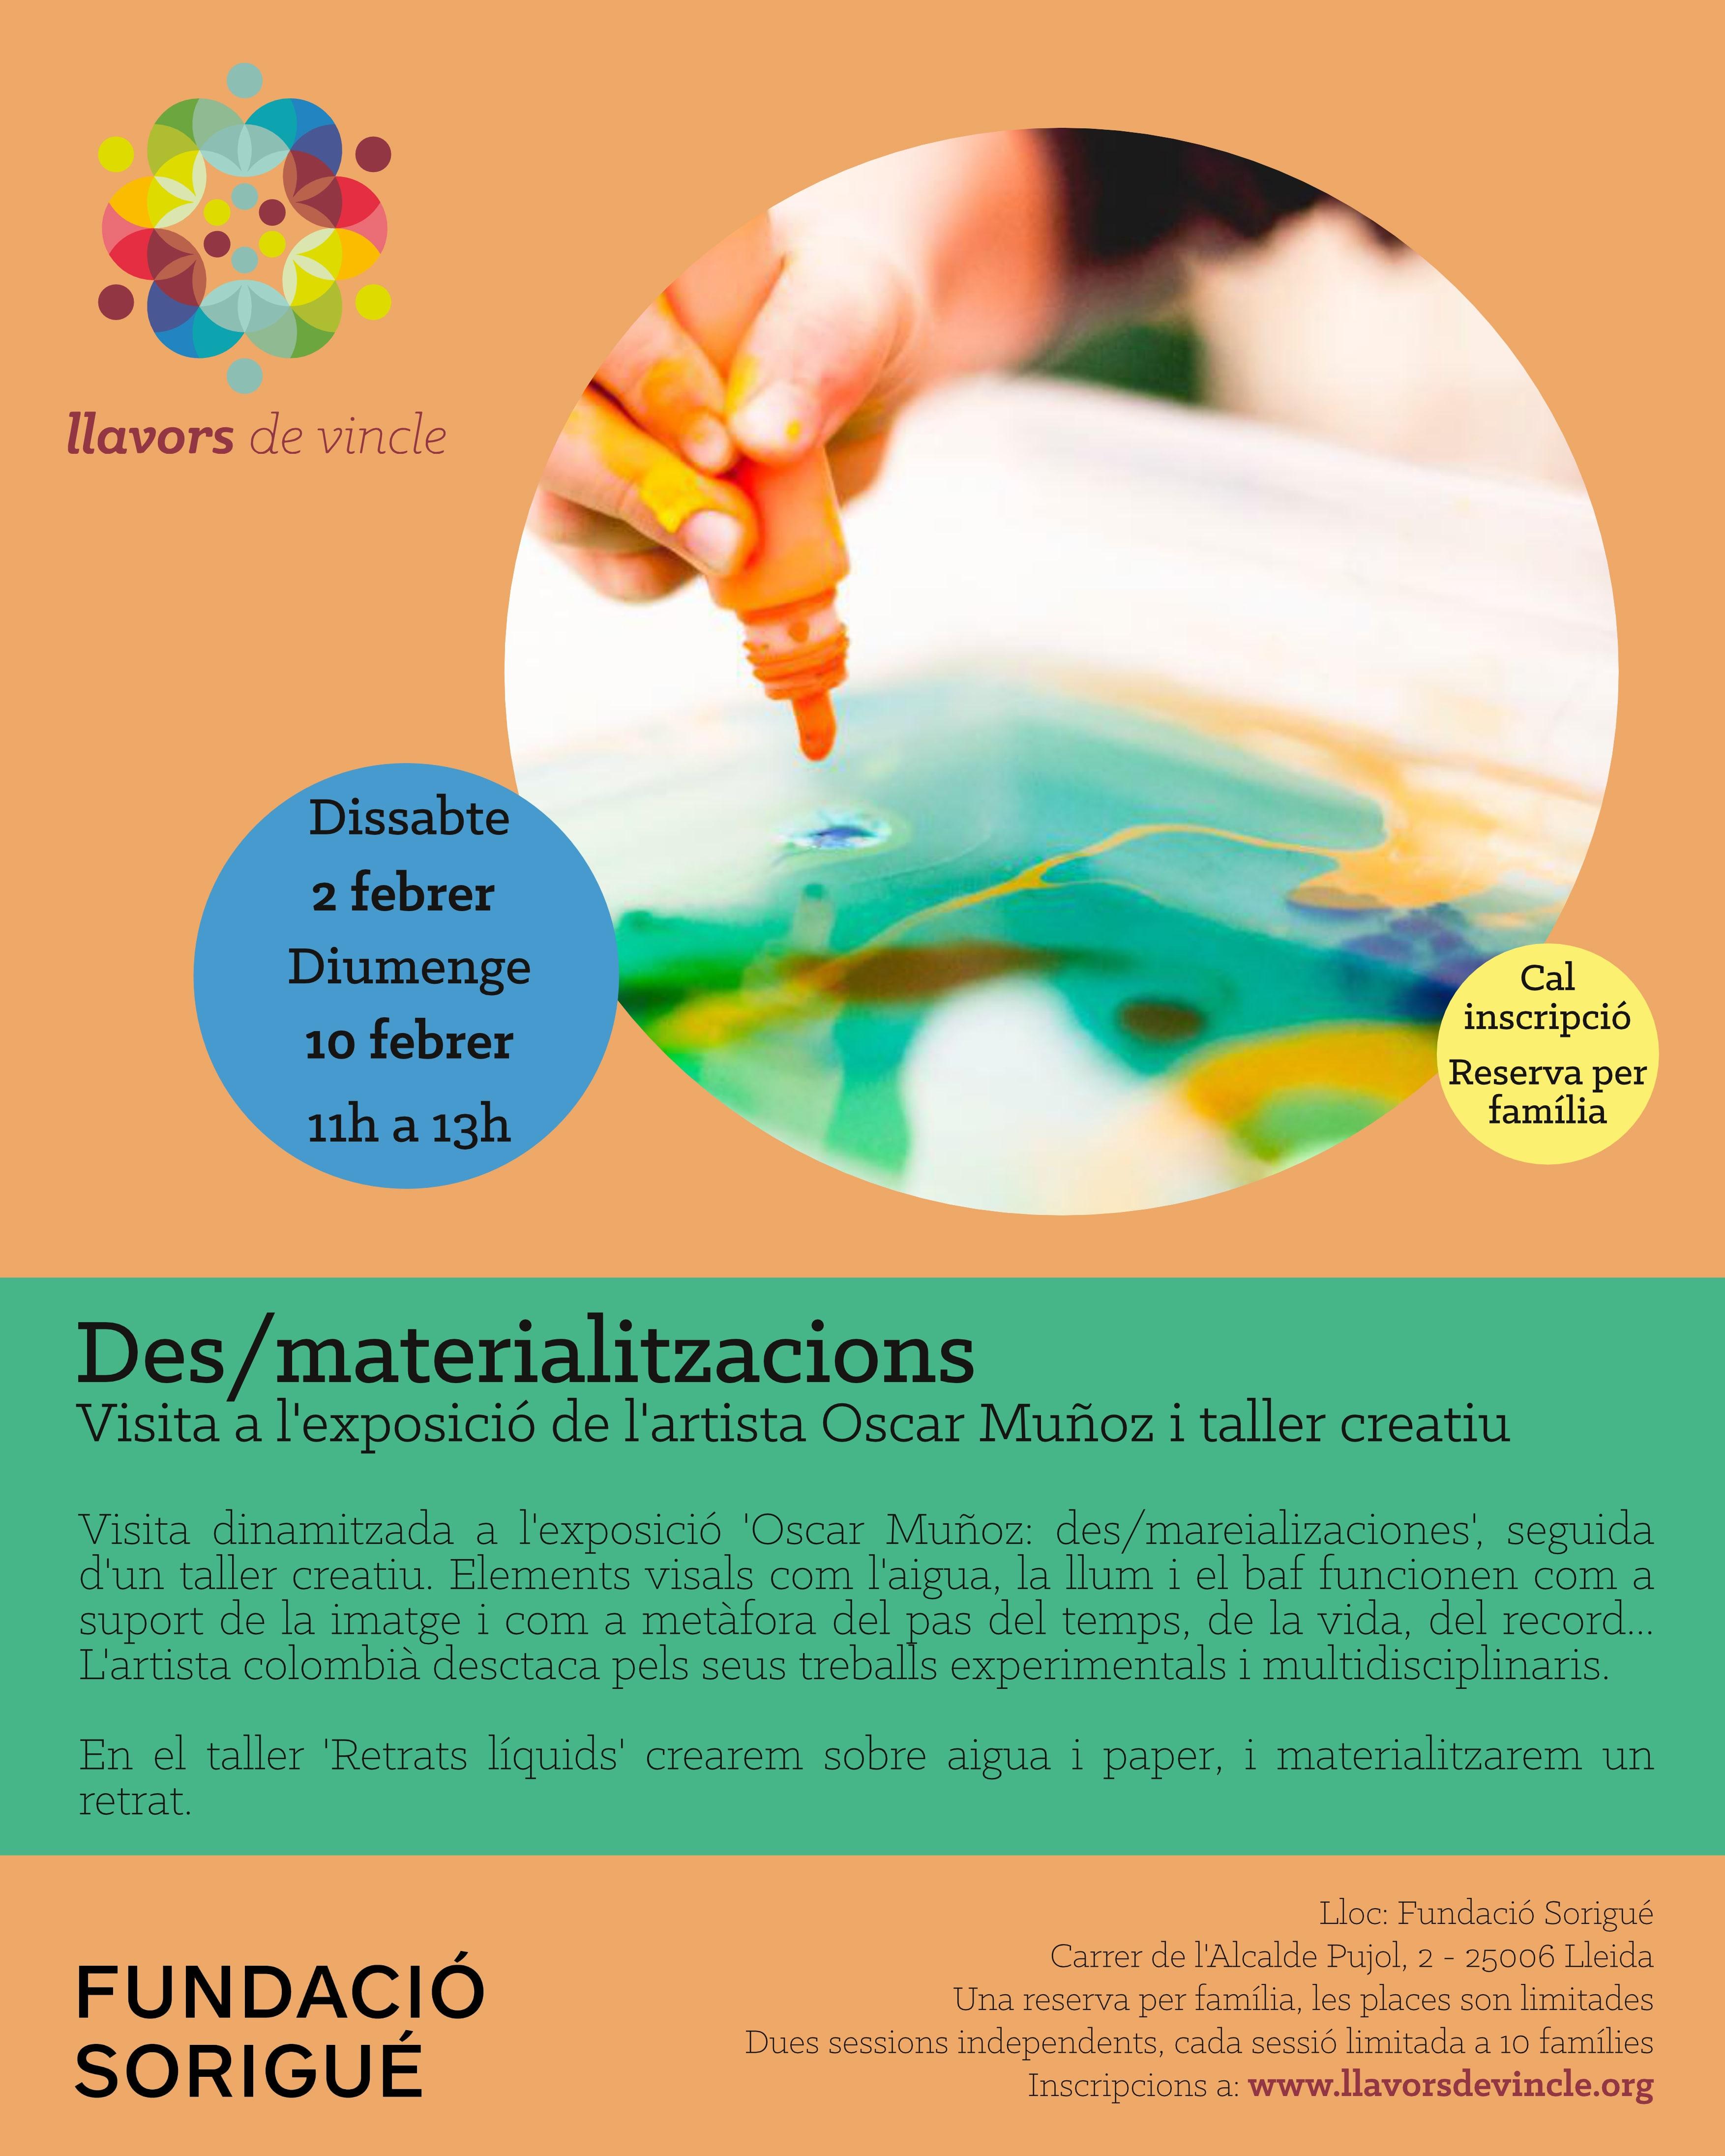 Des/materialitzacions